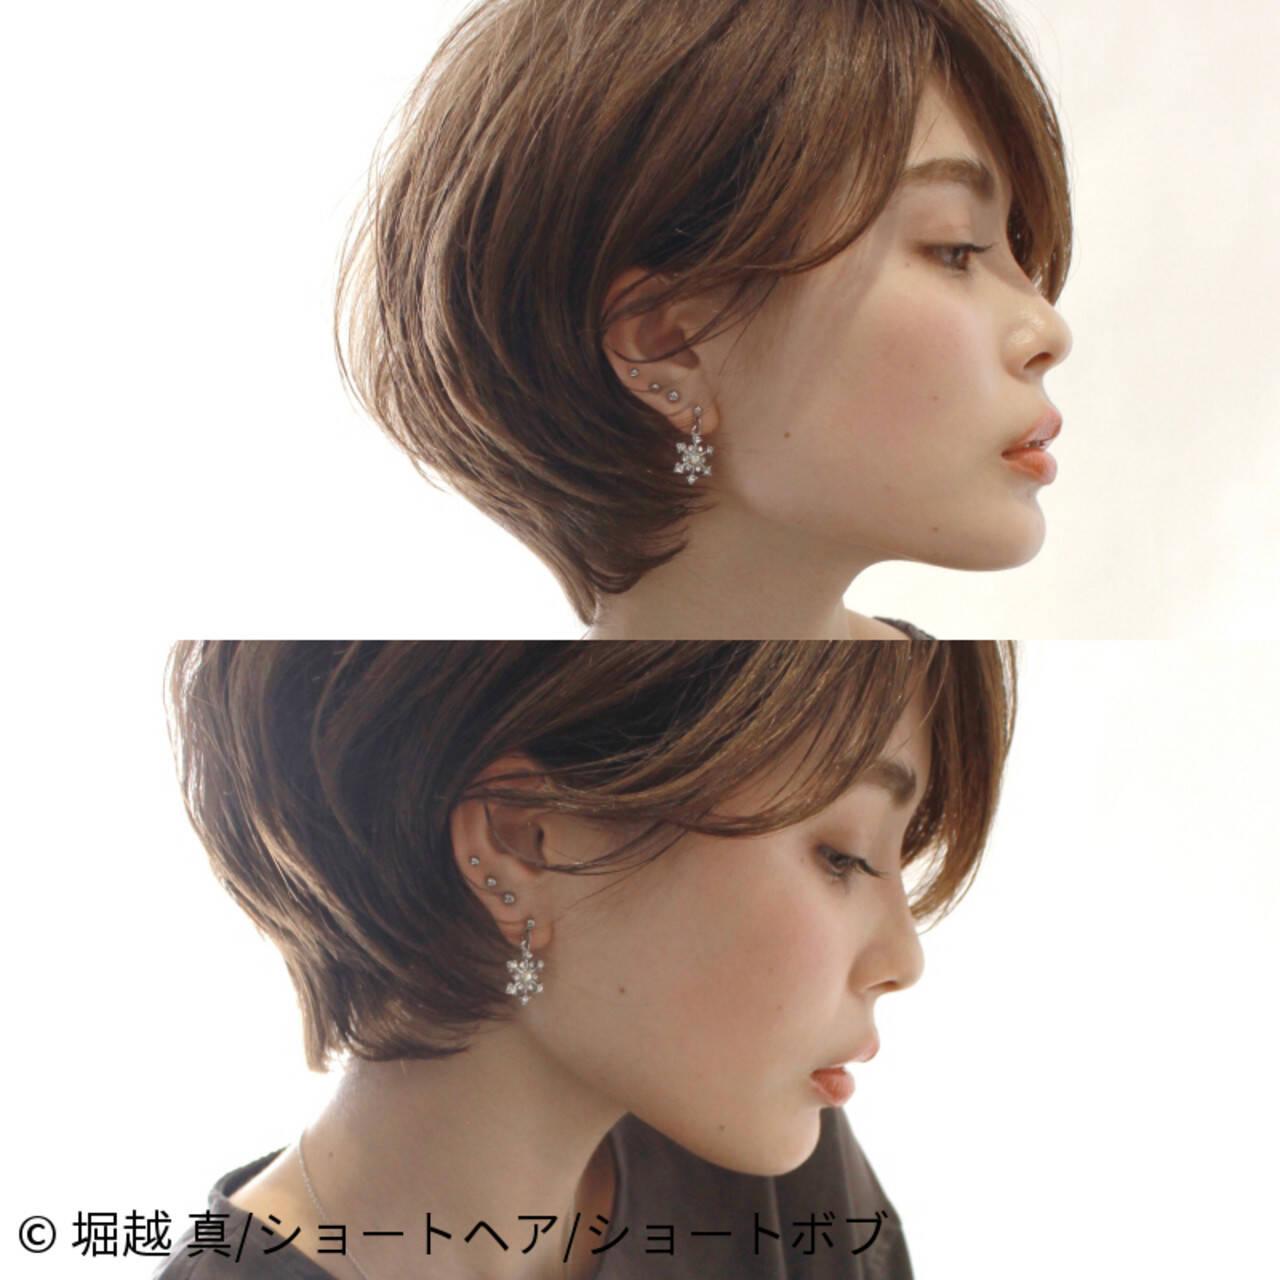 辺見えみり ショート ナチュラル アンニュイほつれヘアヘアスタイルや髪型の写真・画像